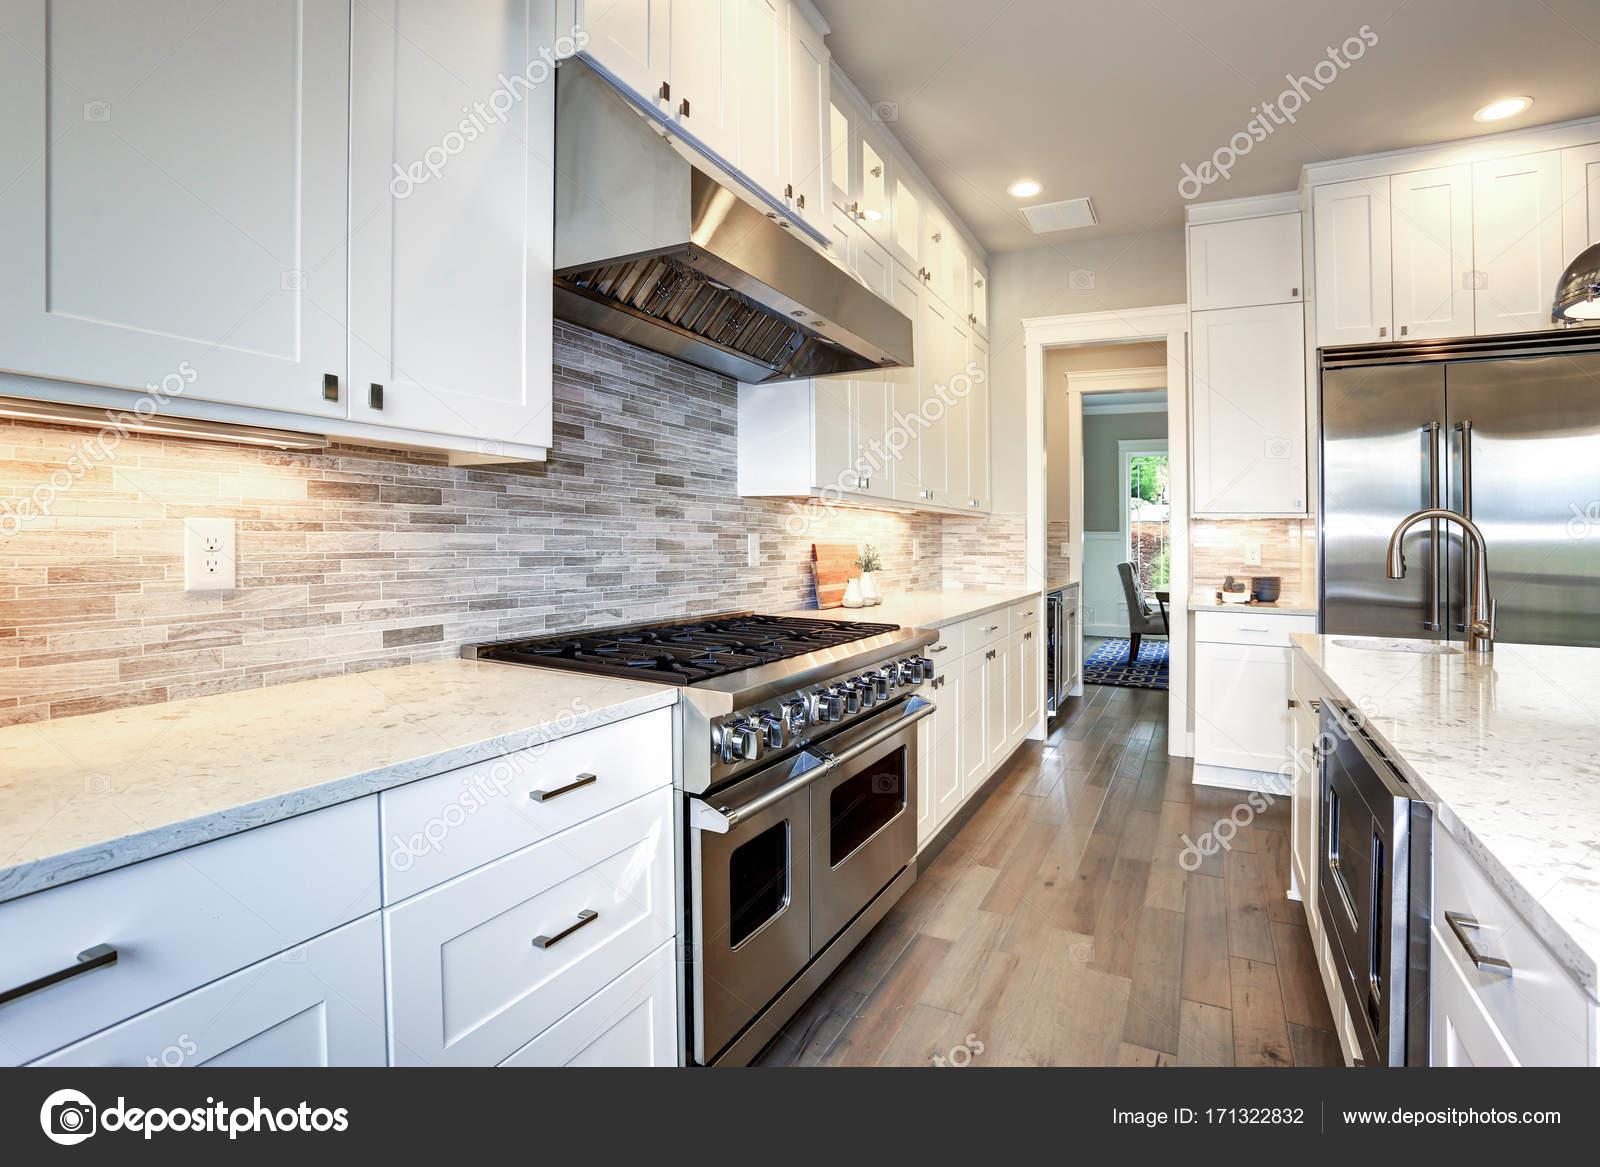 Weiße Luxus-Küche mit großer Kochinsel — Stockfoto © alabn #171322832